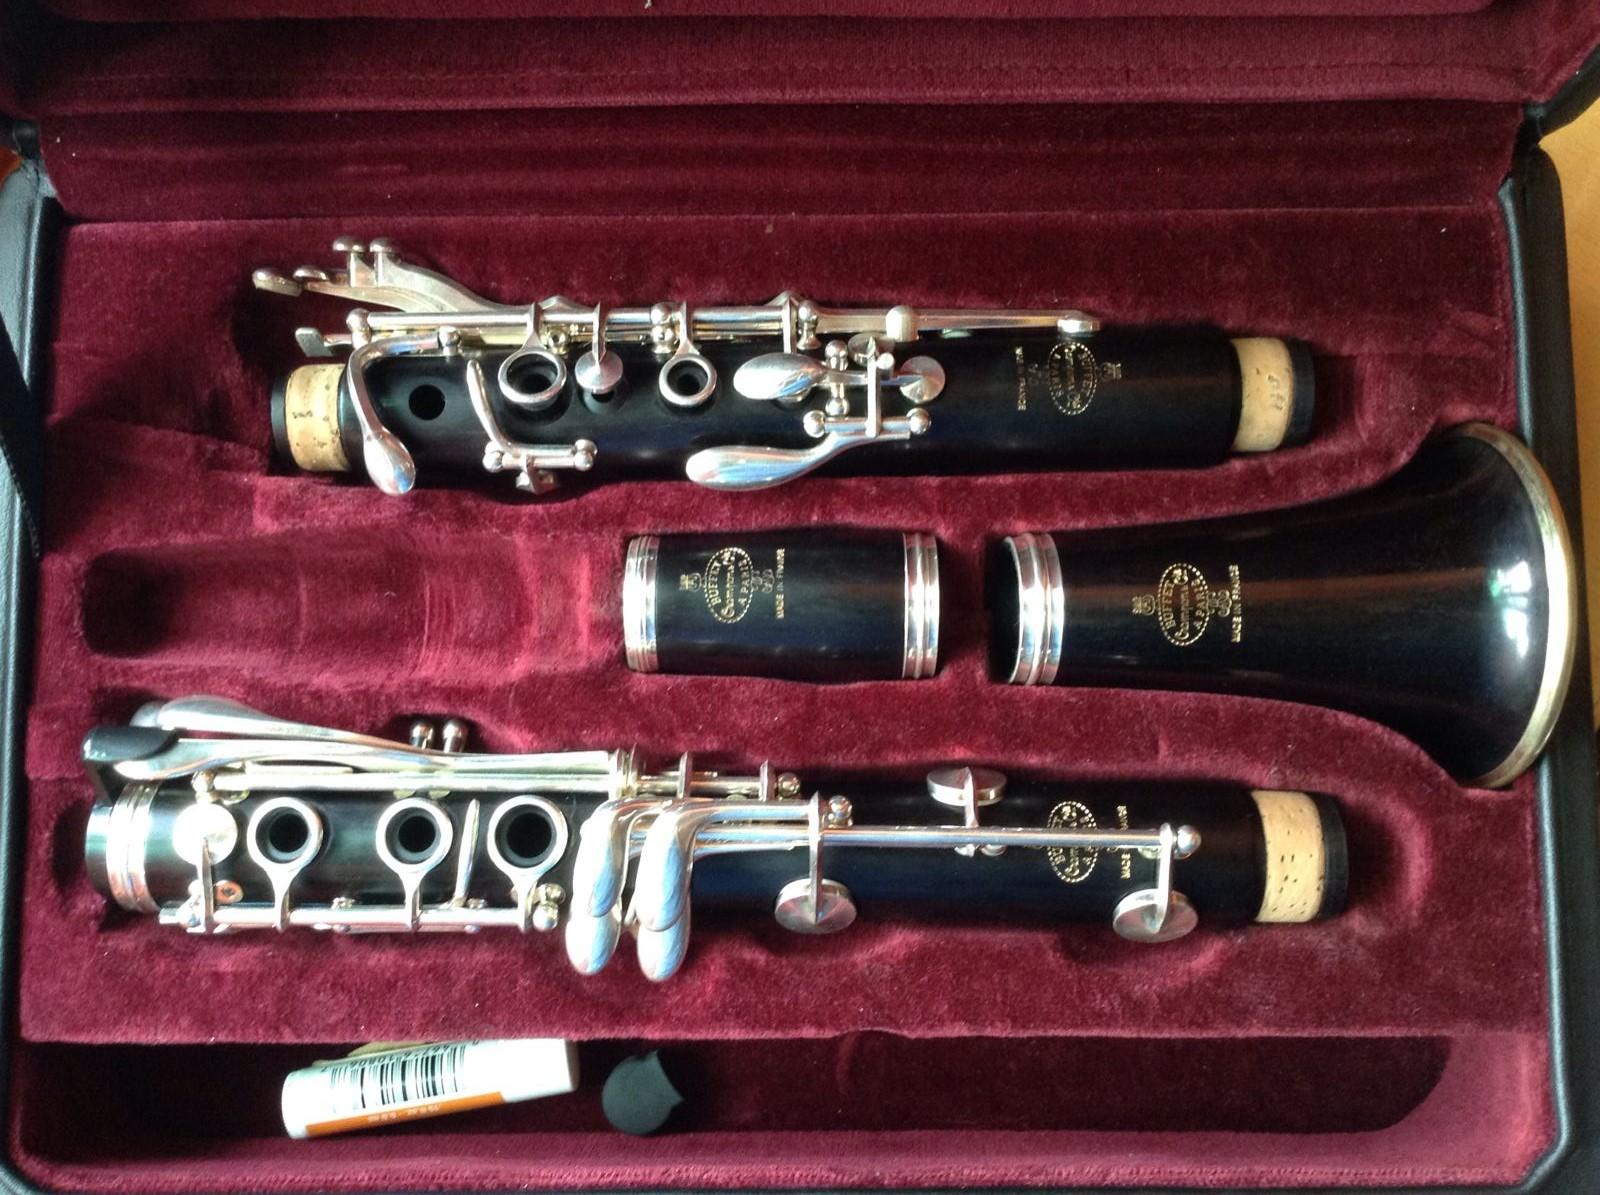 史莱博单簧管6046和布菲r13哪个好一些 请用过6046的或者史莱博万元